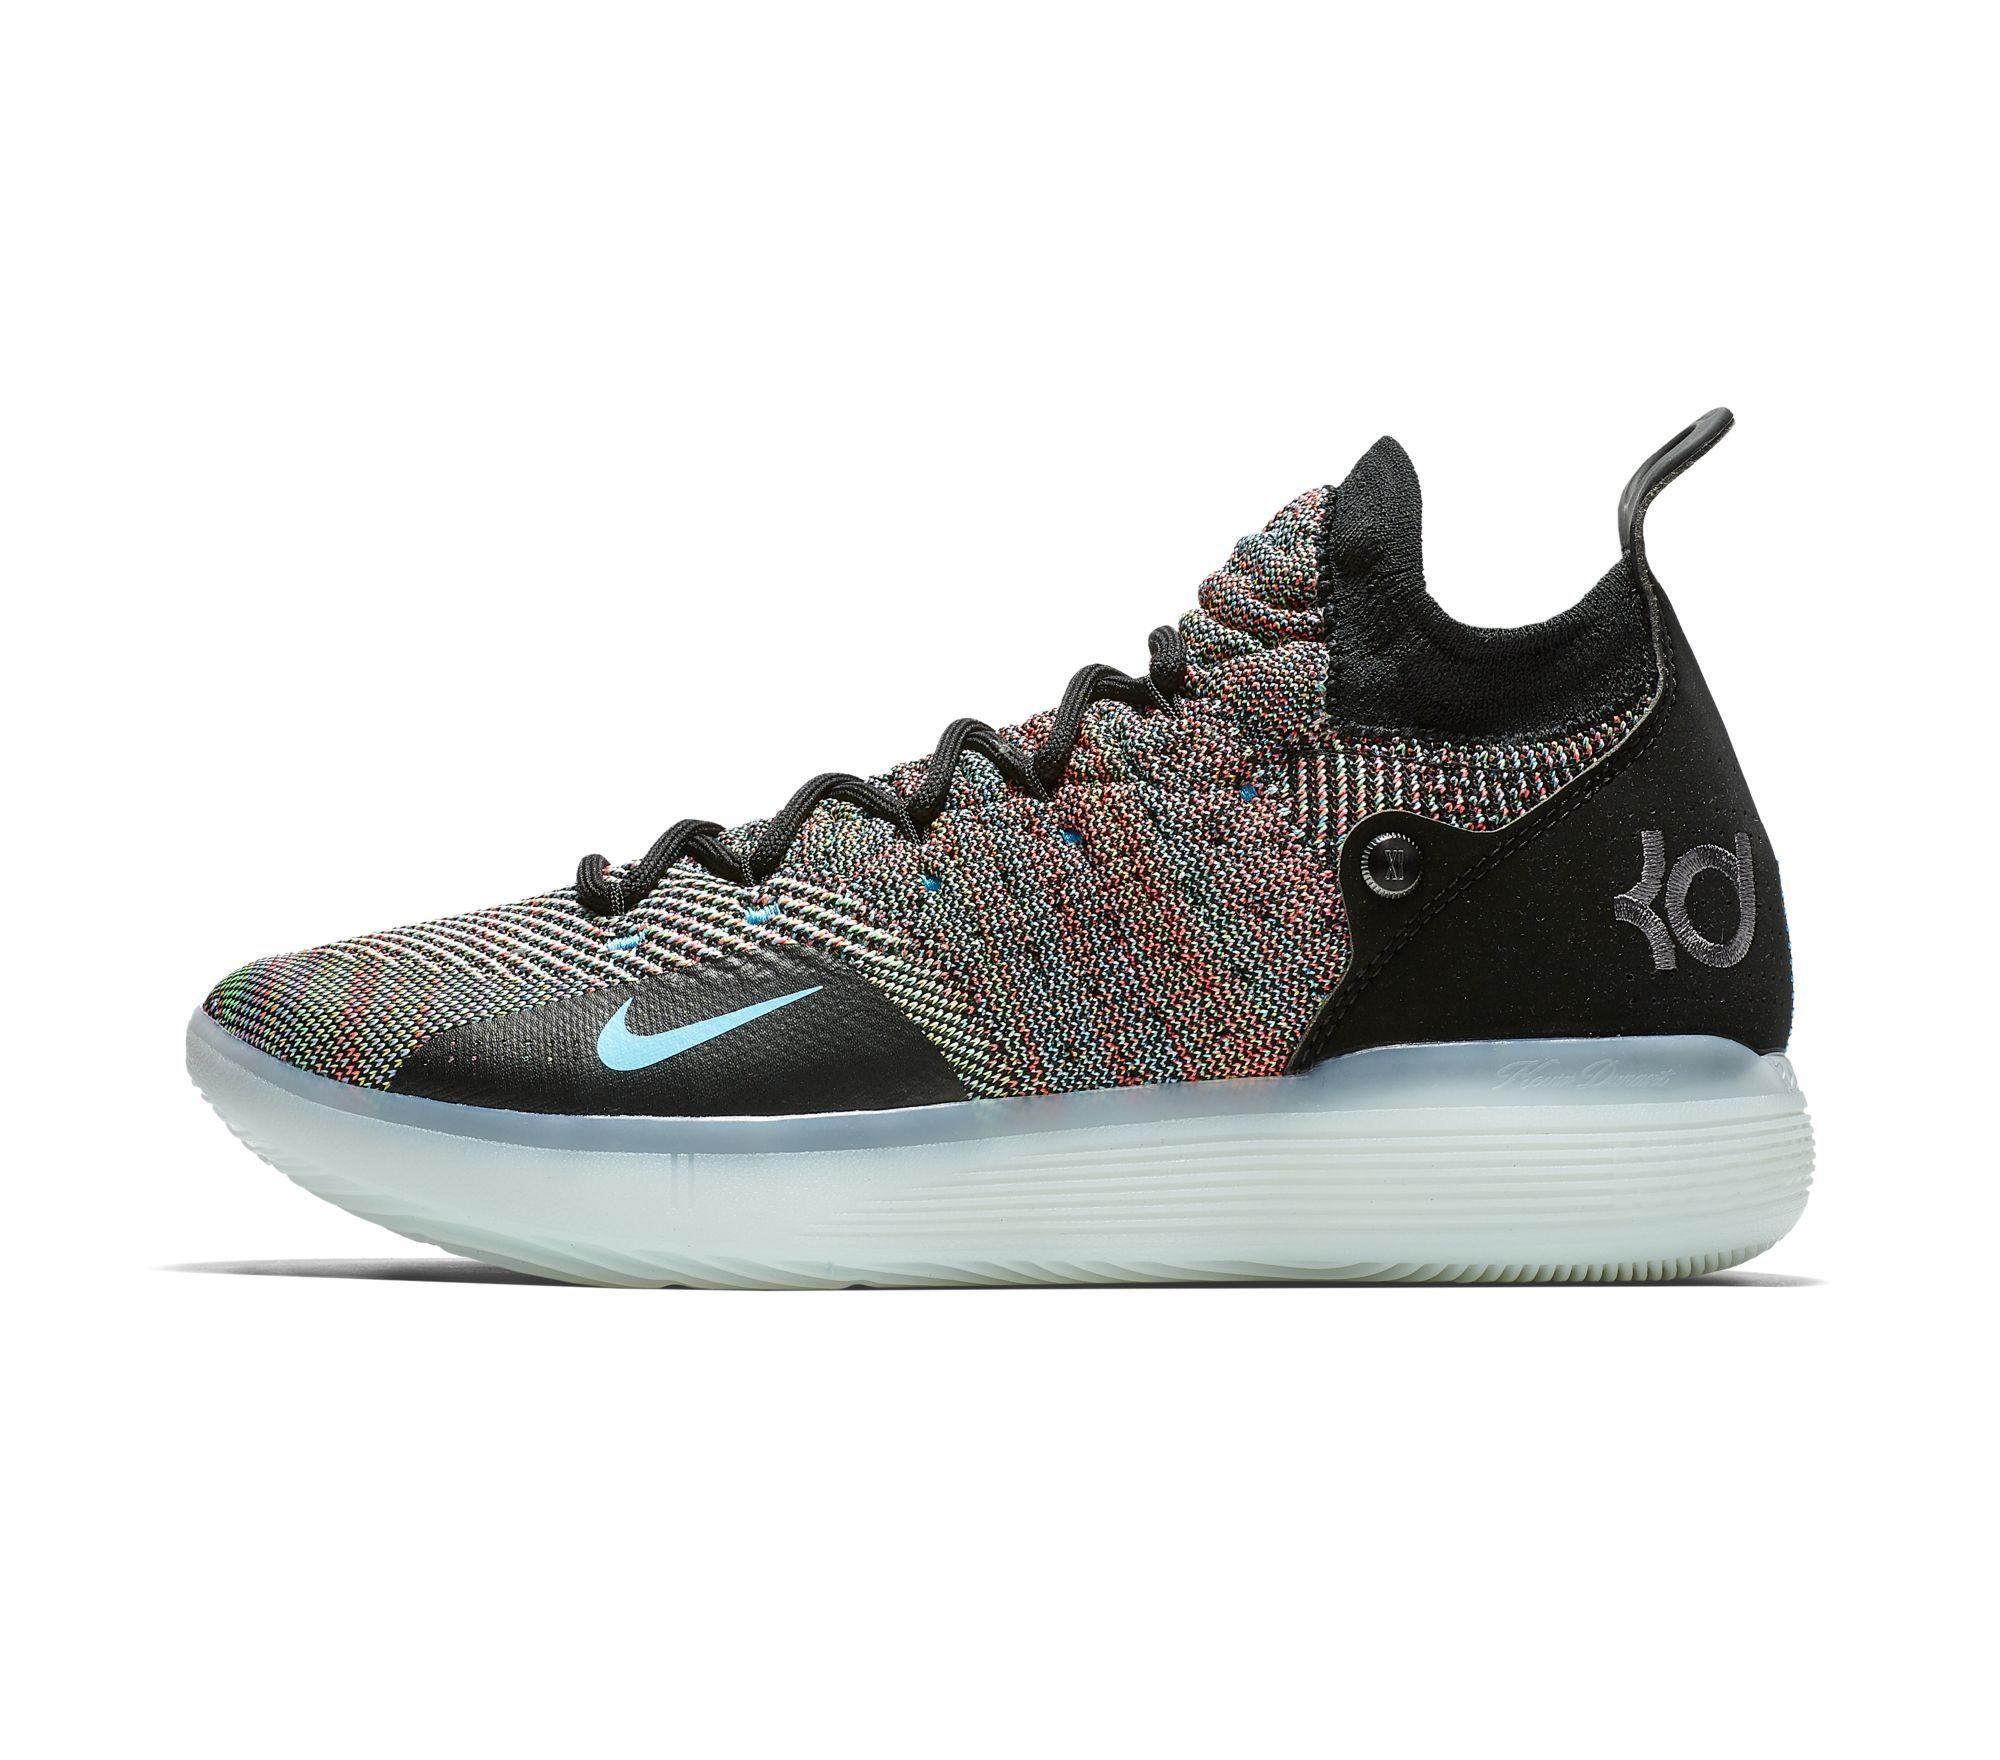 Nike KD 11 'Multicolor' Leaks Online